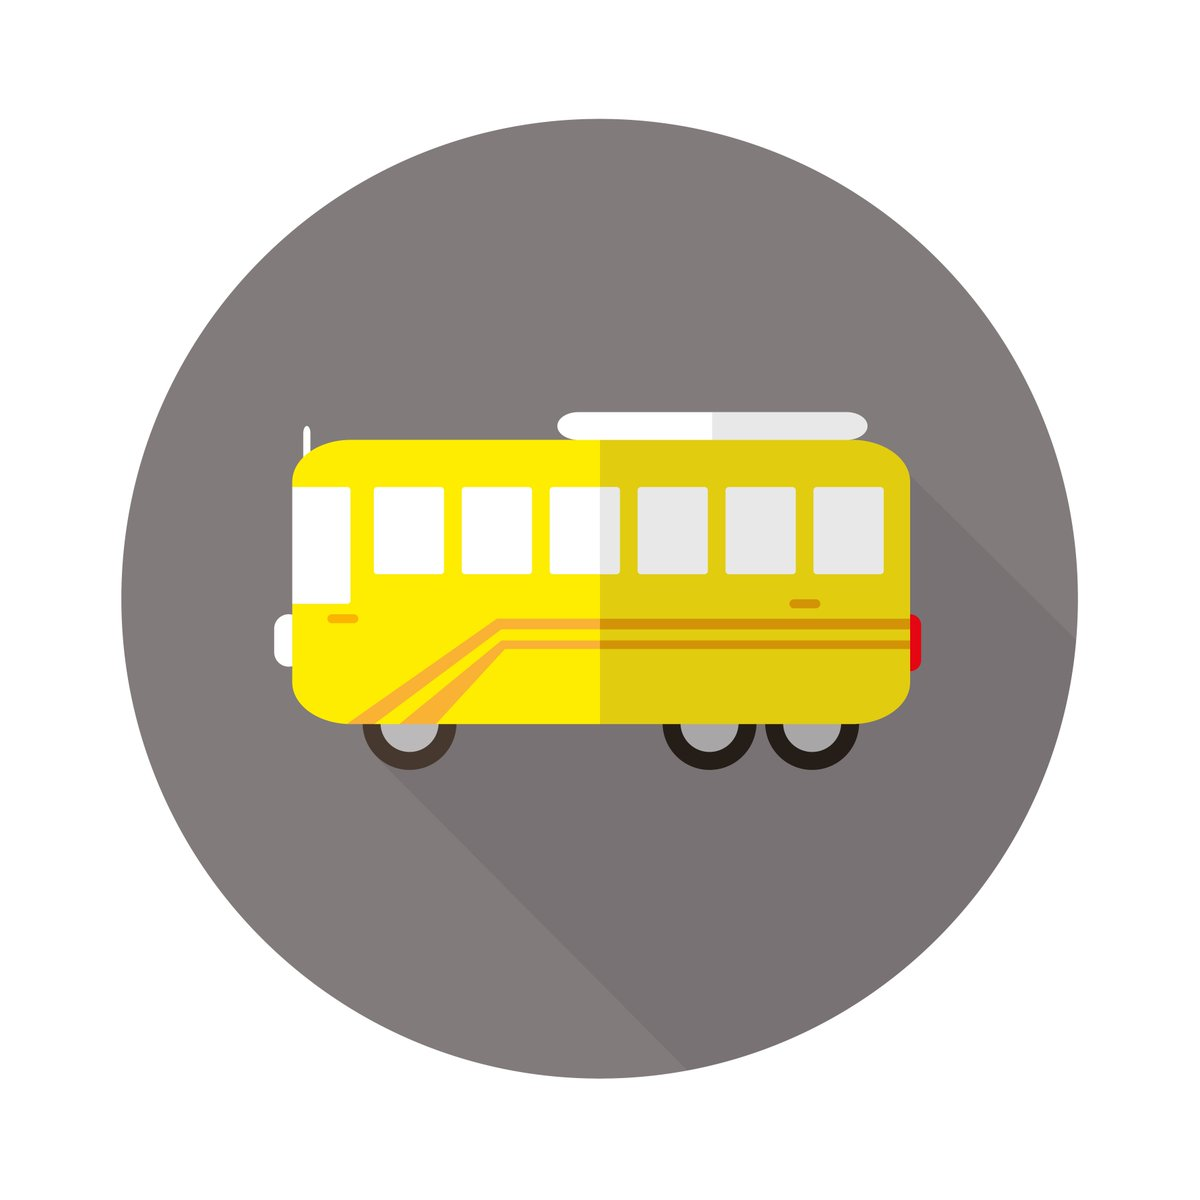 Per spostarti durante le #vacanze scegli la mobilità #sostenibile !Prendi i mezzi pubblici, usa la #bicicletta per scoprire i luoghi intorno a te o, se stai visitando una #città, scopri il piacere di viverla pedalando! #vacanzesostenibili #bike #bus #13agosto  - Ukustom